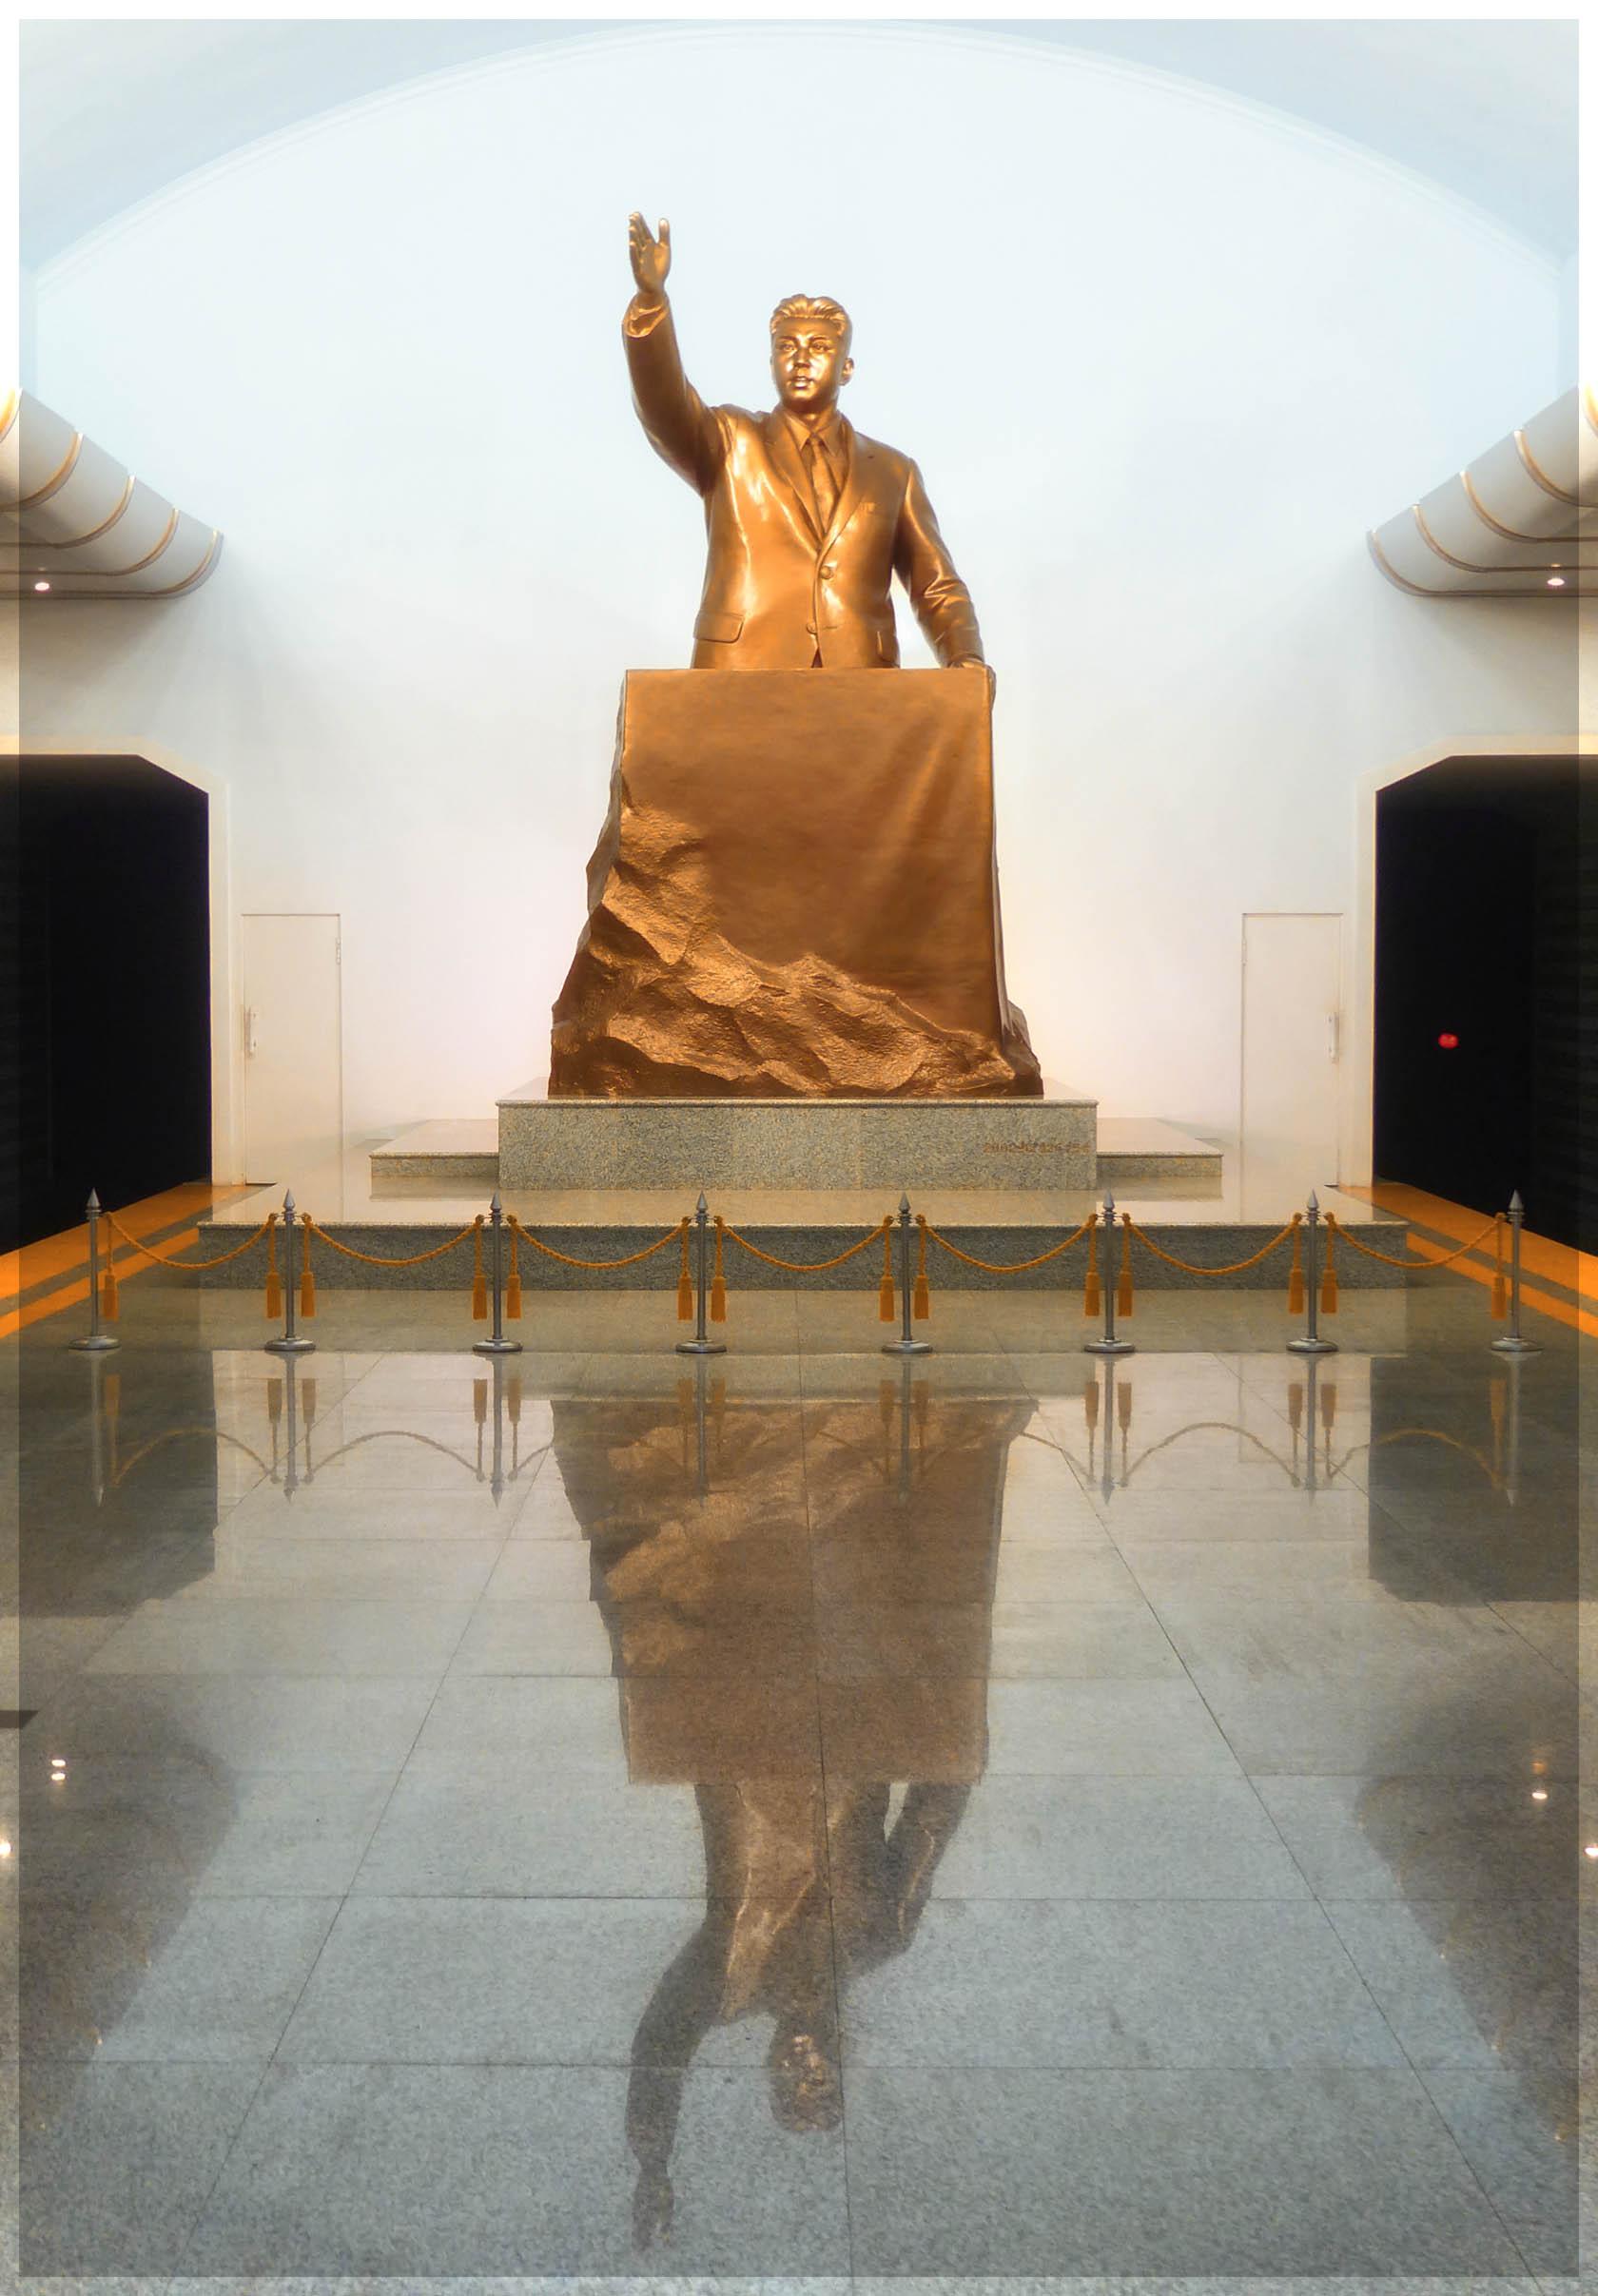 Huge gold statue of man giving a speech